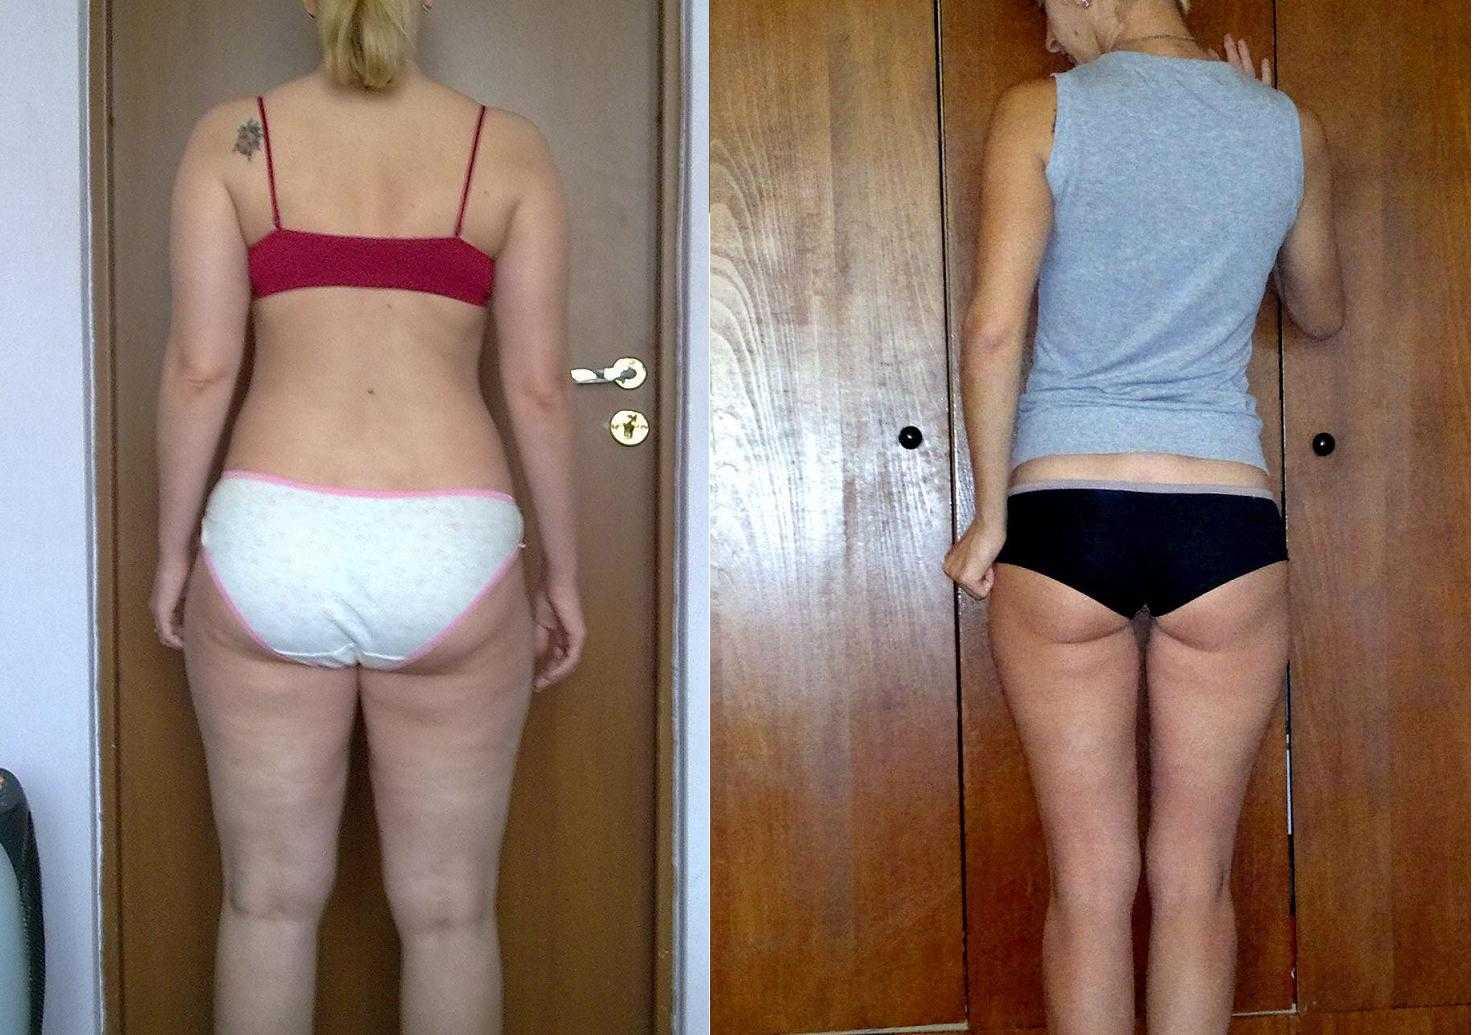 Реальные истории похудения: 7 женщин о похудении - еда и фигура